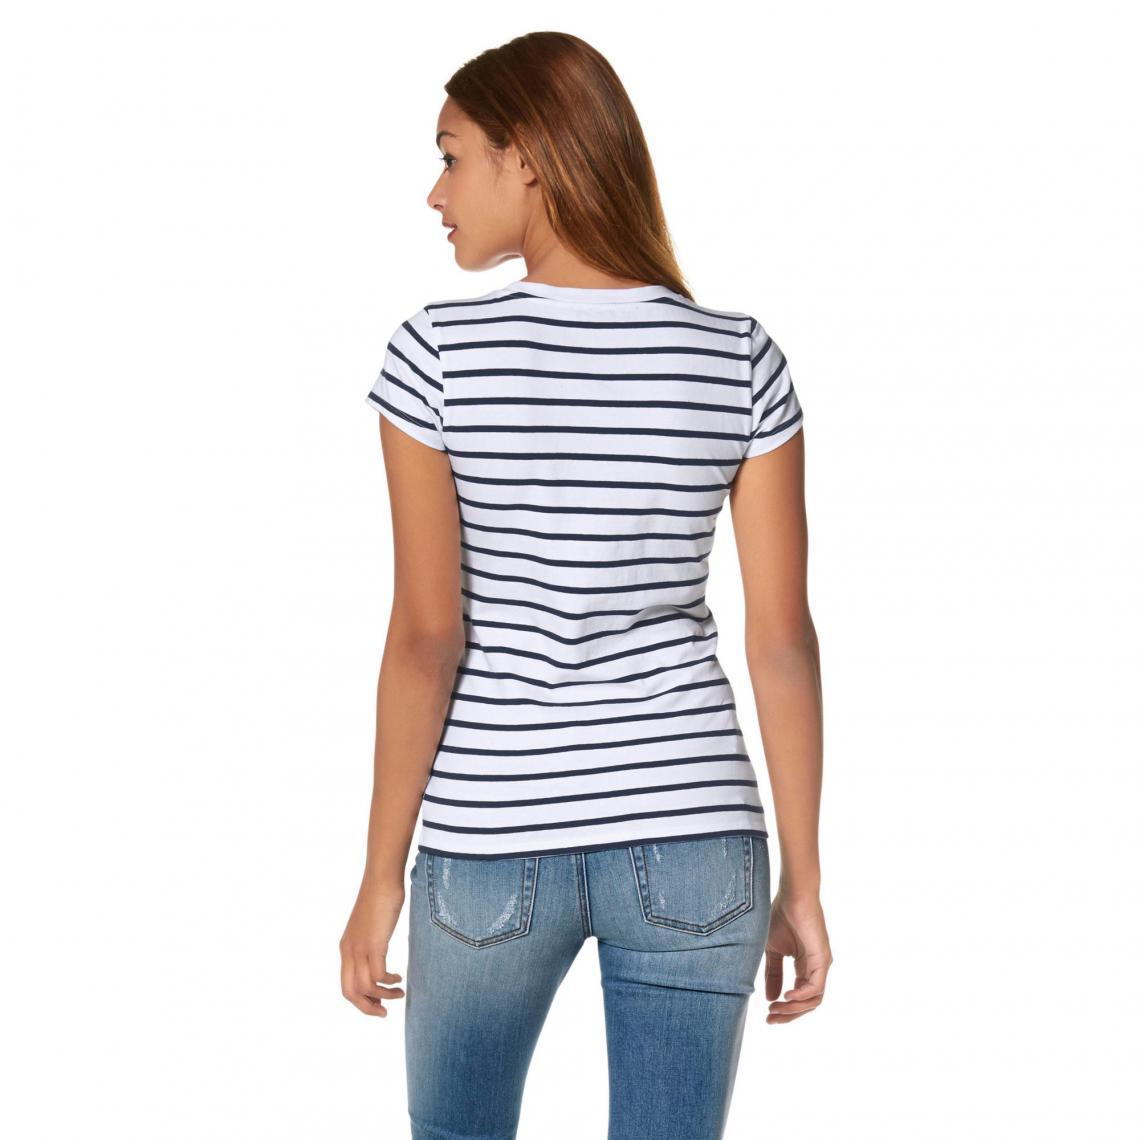 b3c0bd4305a8a T-shirt rayé manches courtes marinière femme AJC - Bleu | 3 SUISSES